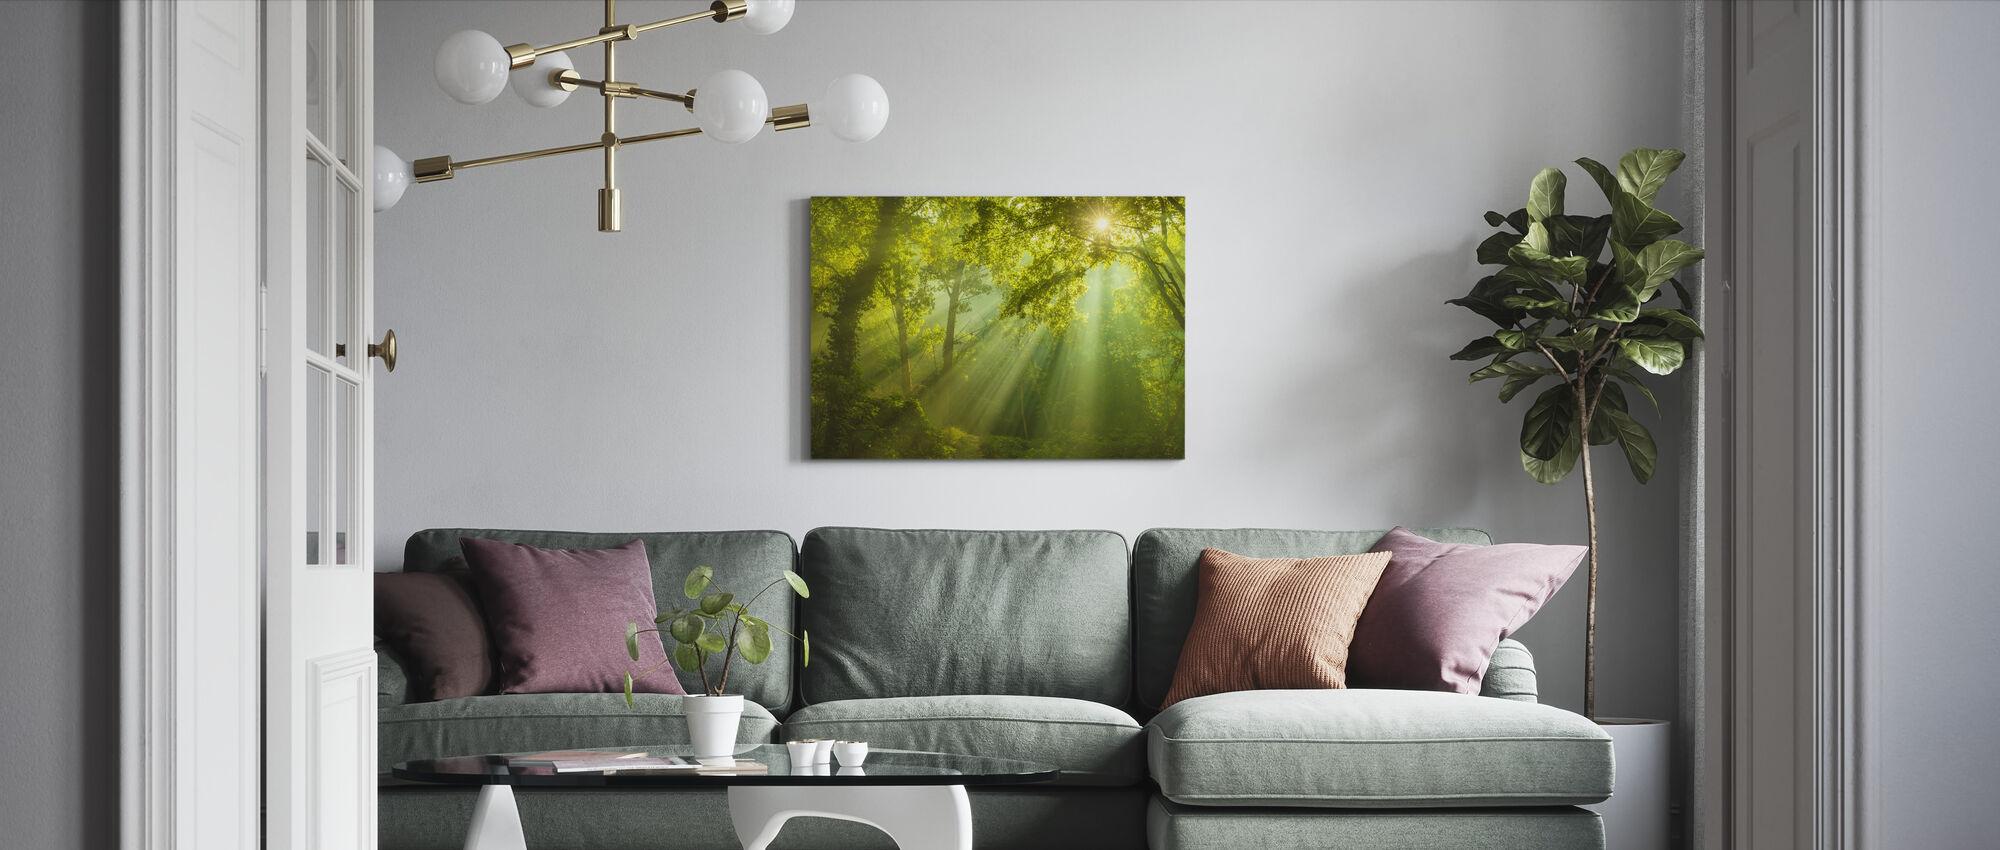 Vihreän metsän auringonvalo - Canvastaulu - Olohuone